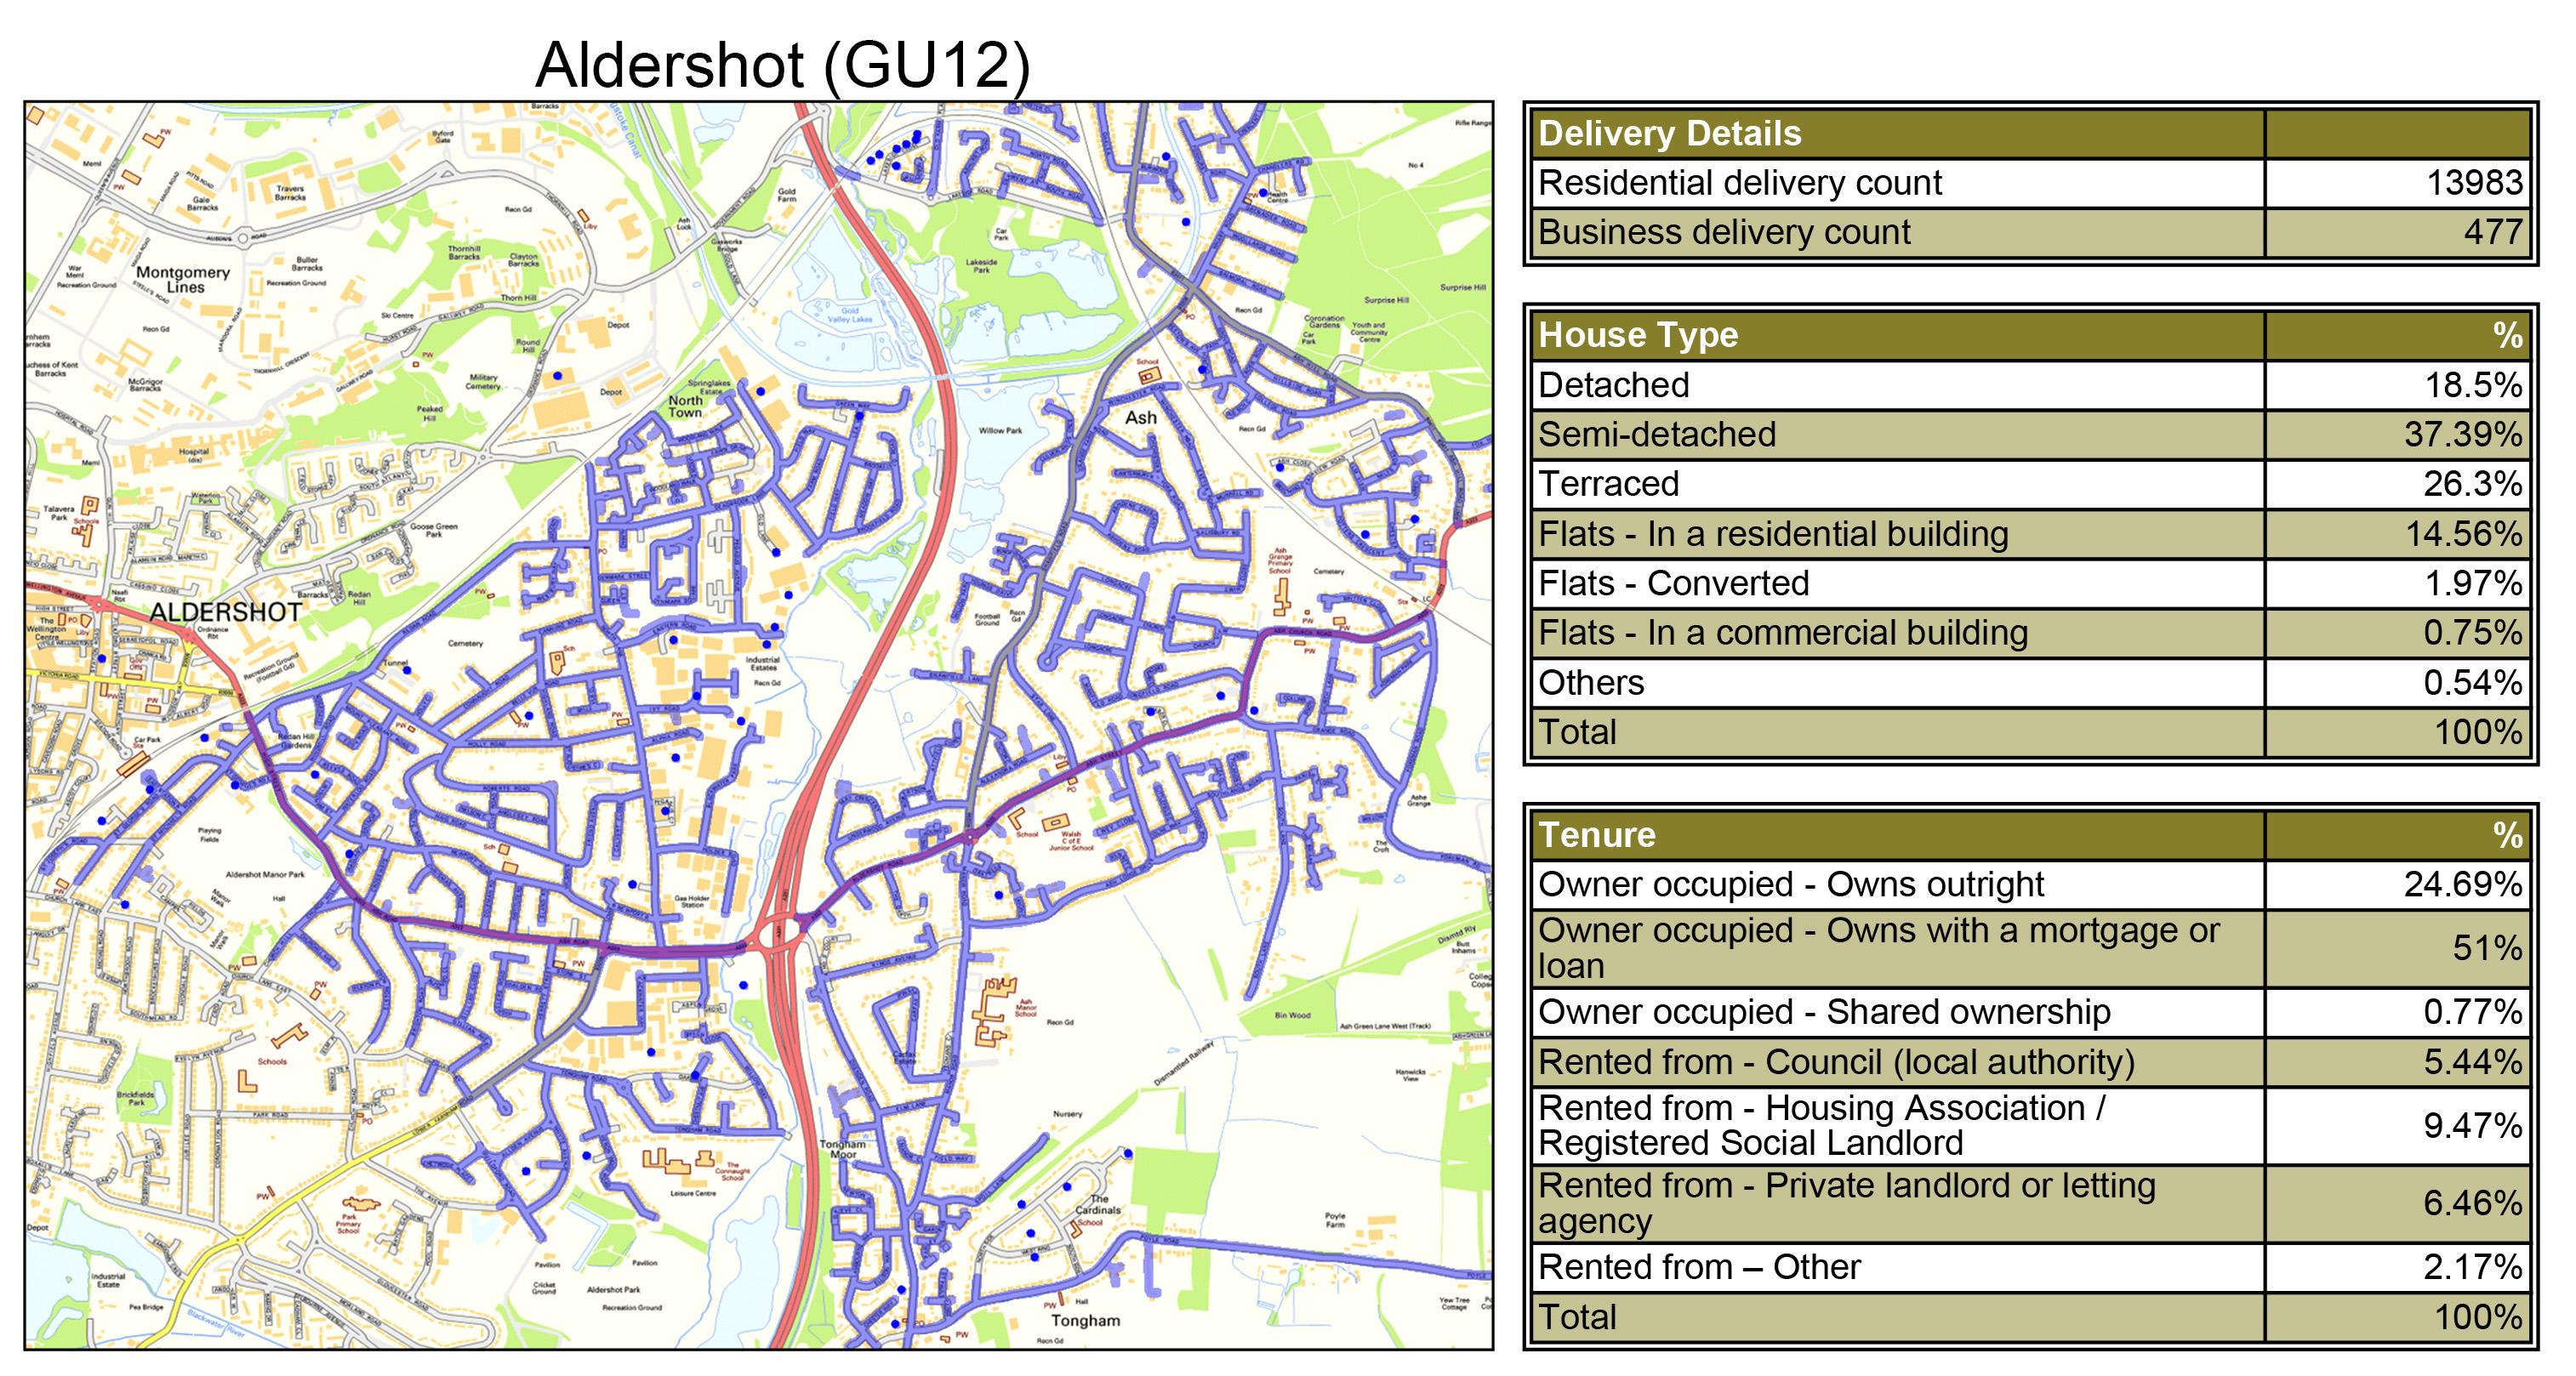 Leaflet Distribution Aldershot - Geoplan Image